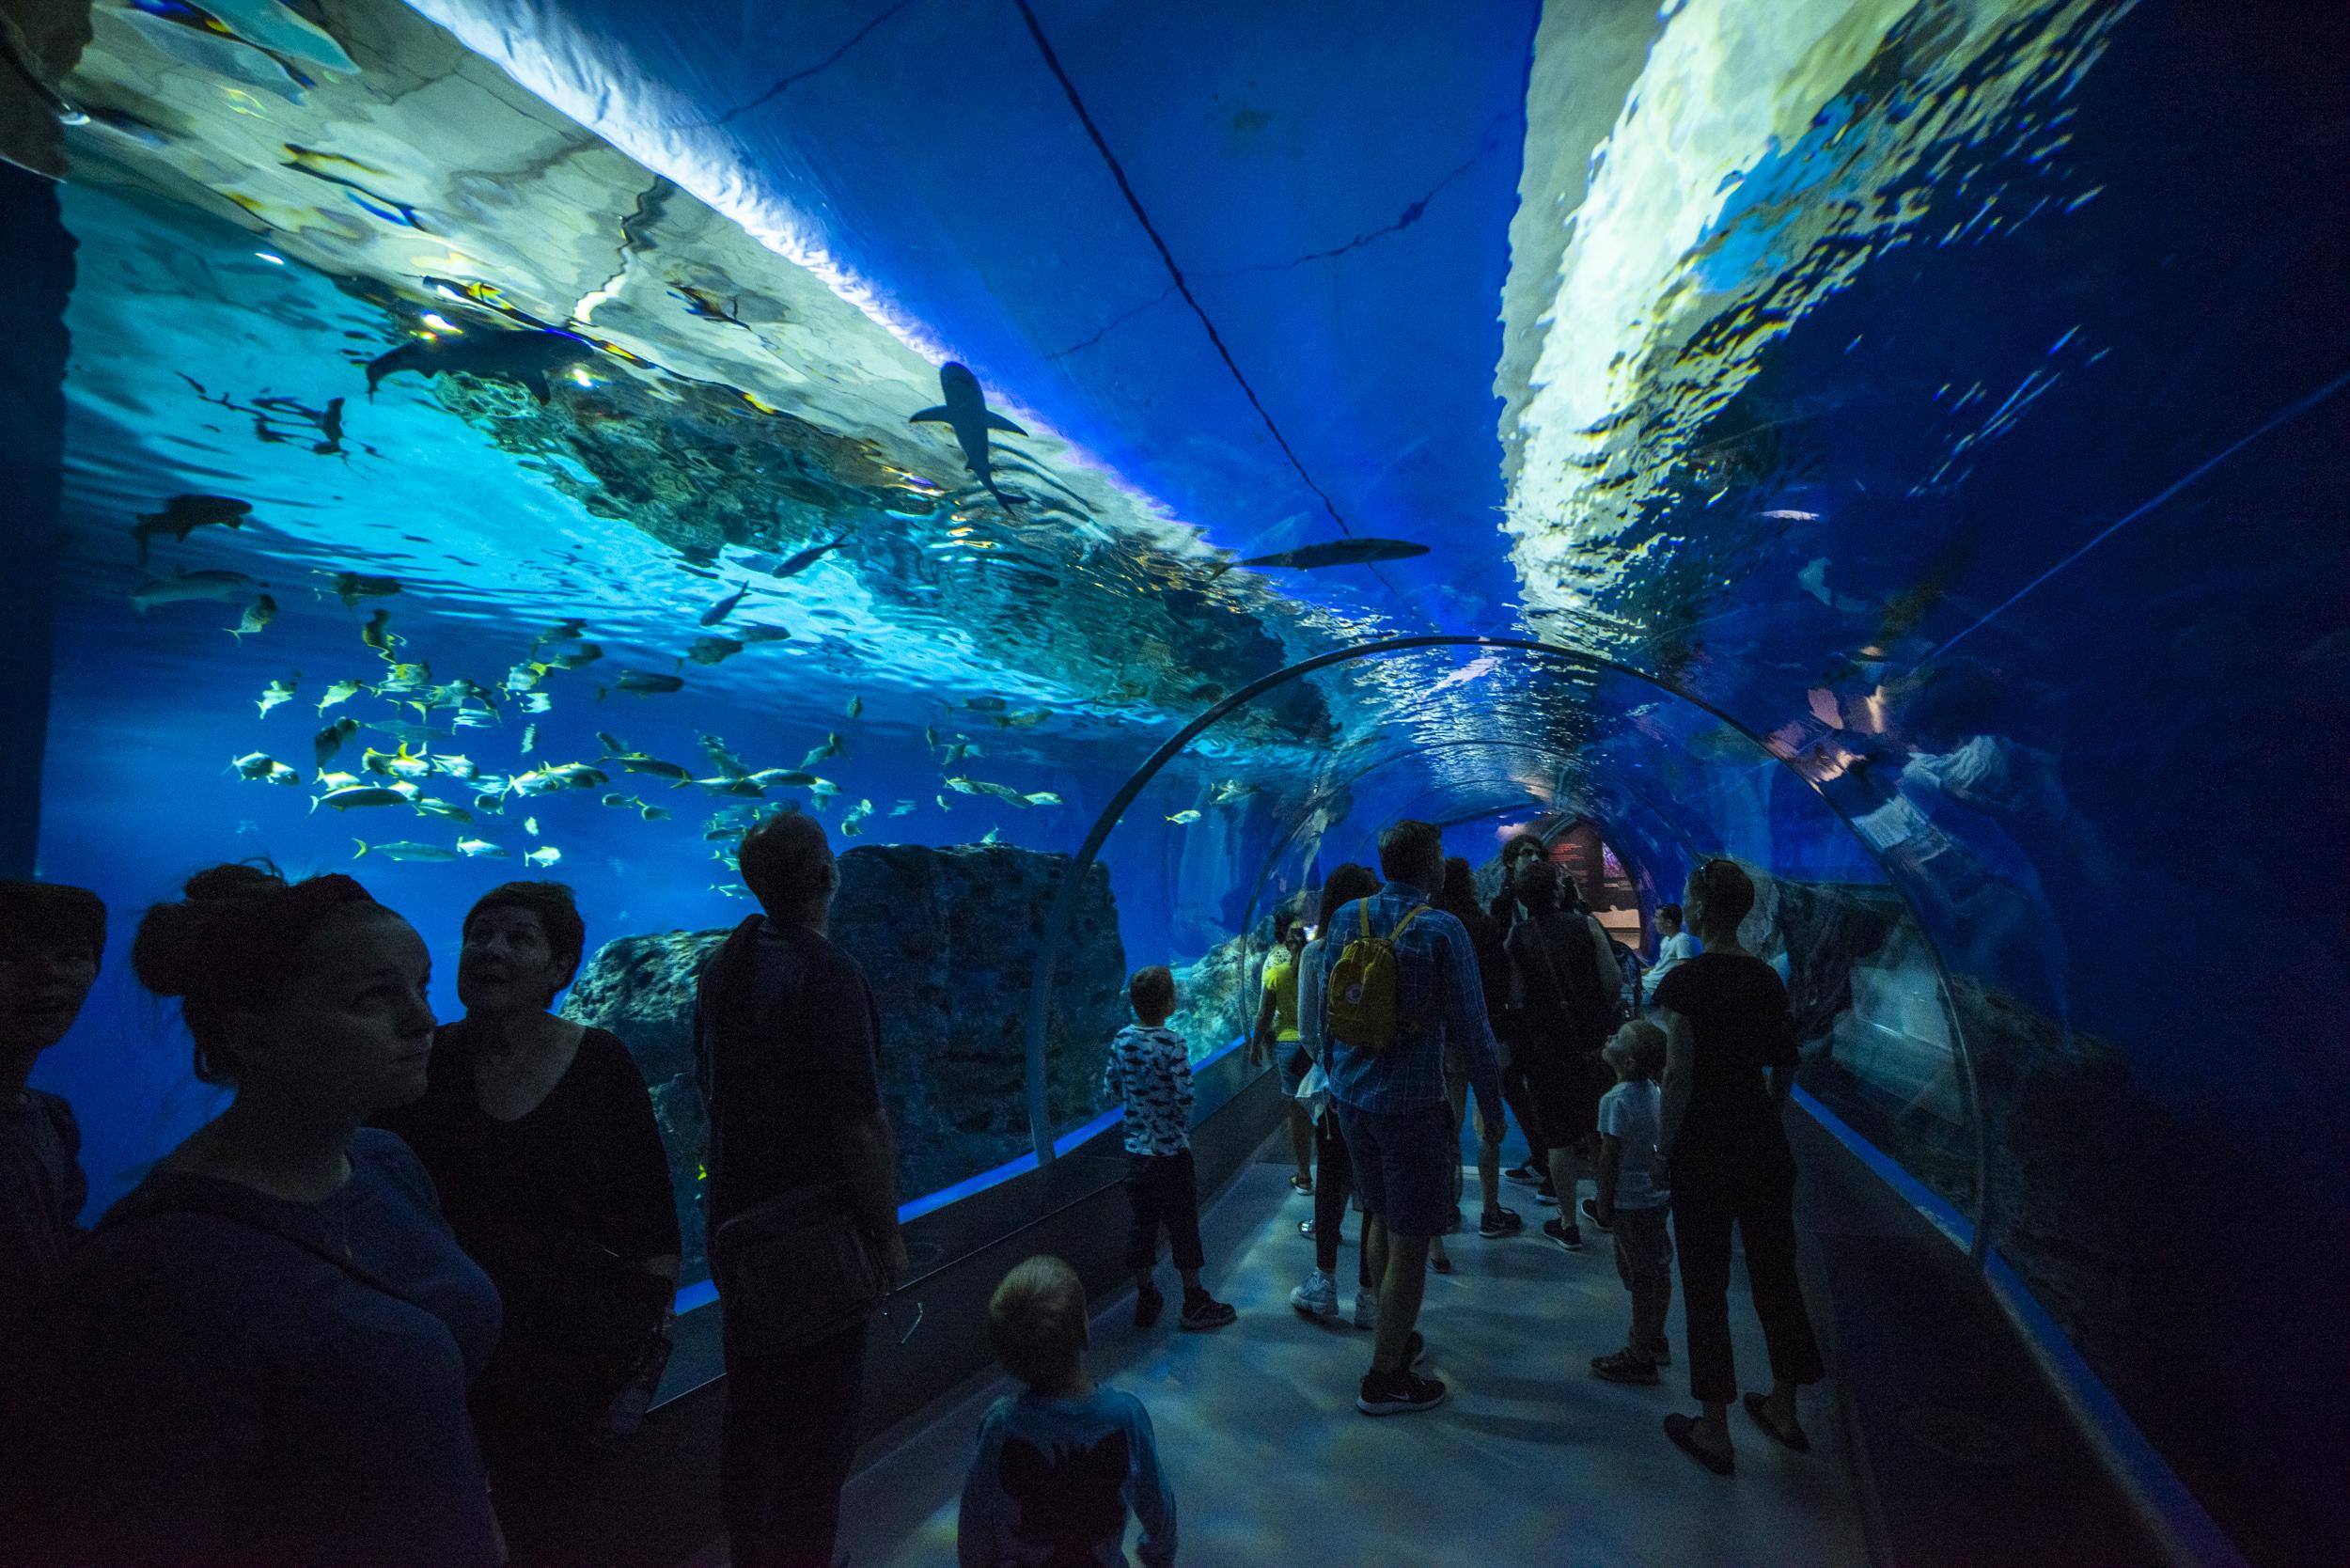 Tunneln genom akvariet var häftig! Svårt att inte gå med öppen mun!